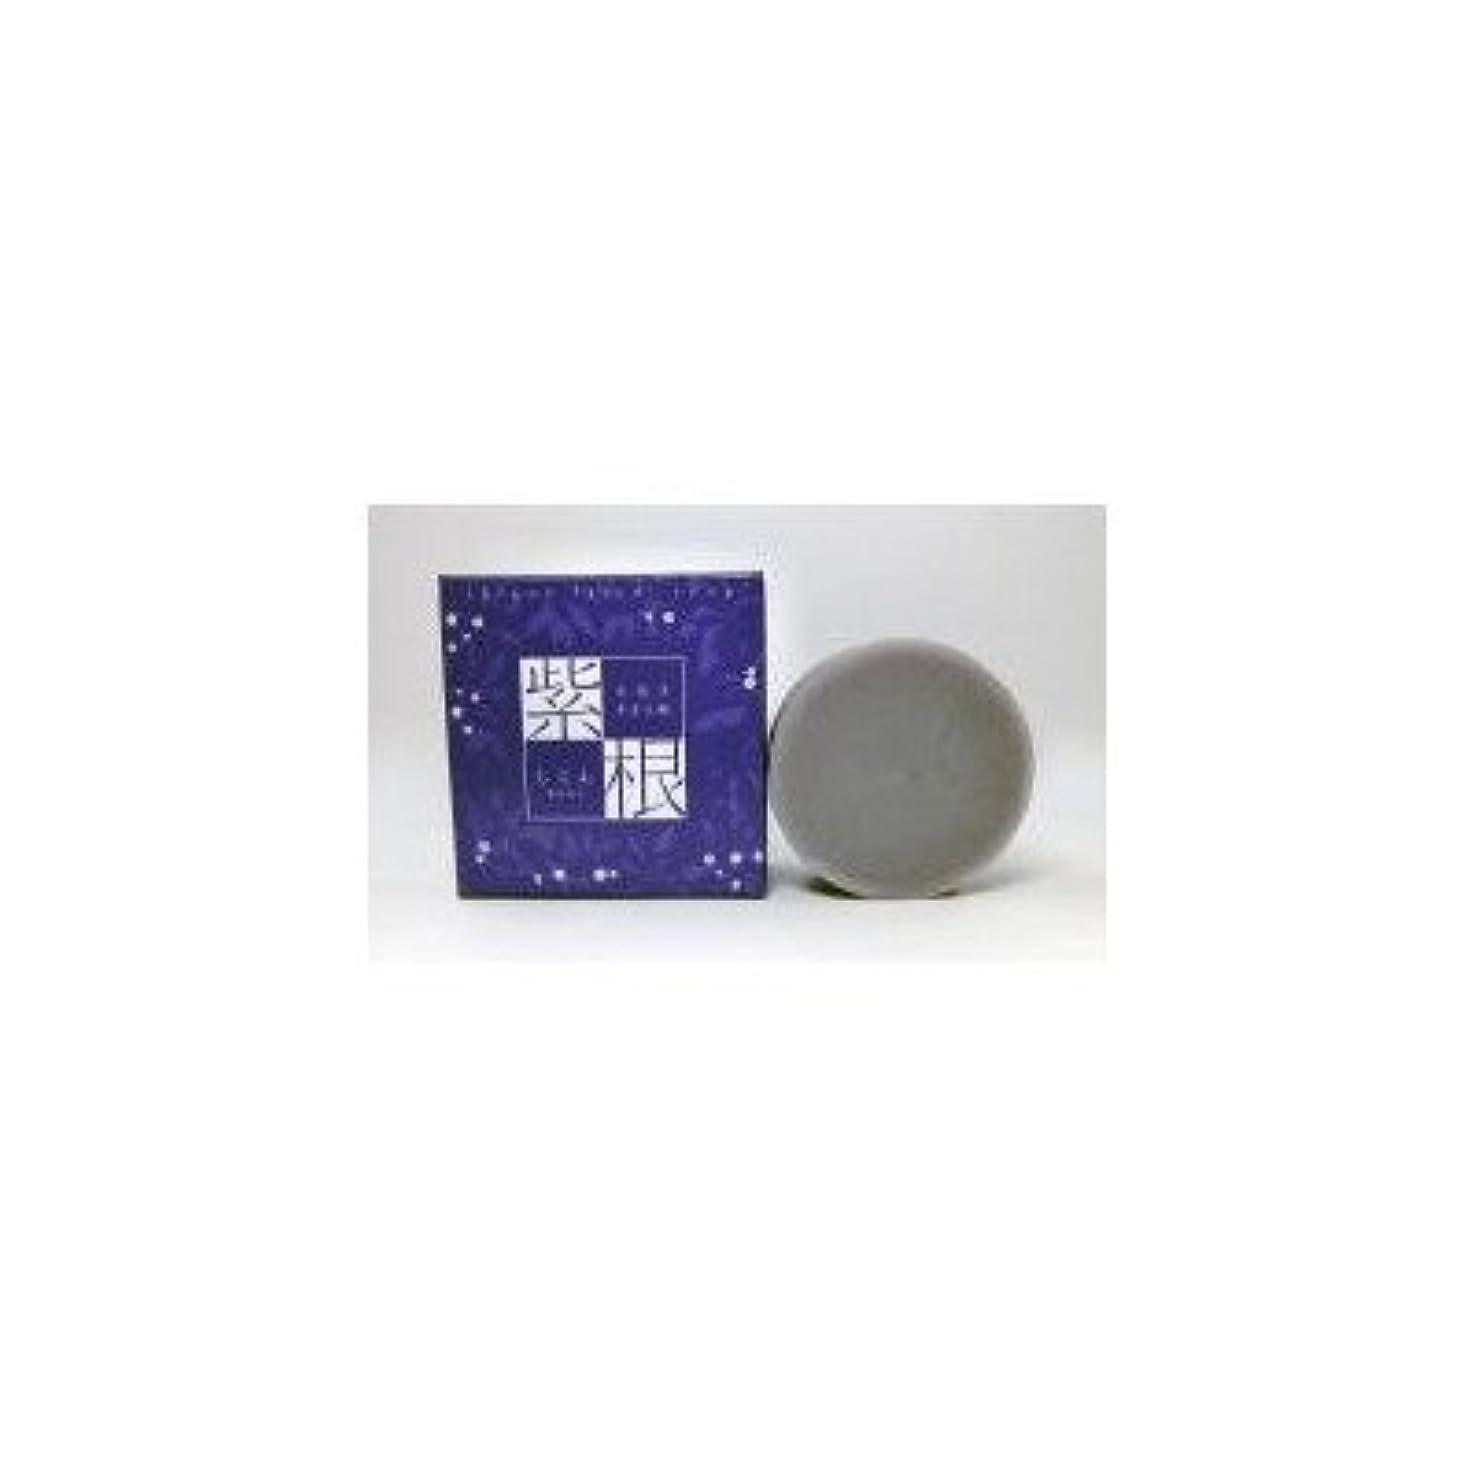 あいさつ苦取り壊す紫根エキスをたっぷり配合した洗顔石鹸 紫根石鹸 100g×5個セット